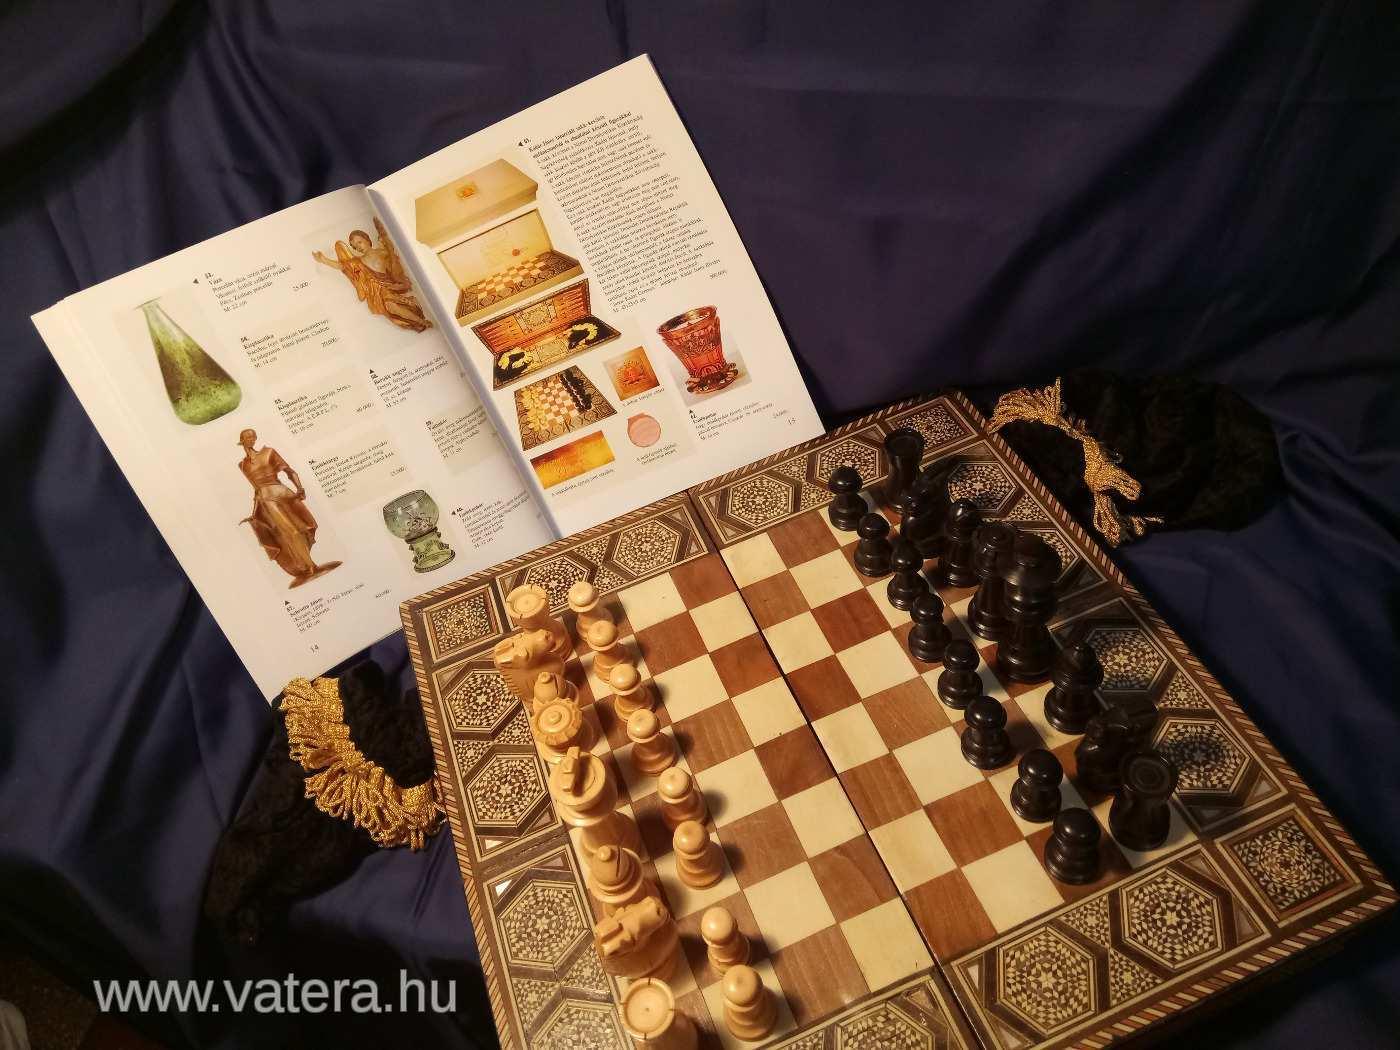 Eladó Kádár János sakk-készlete